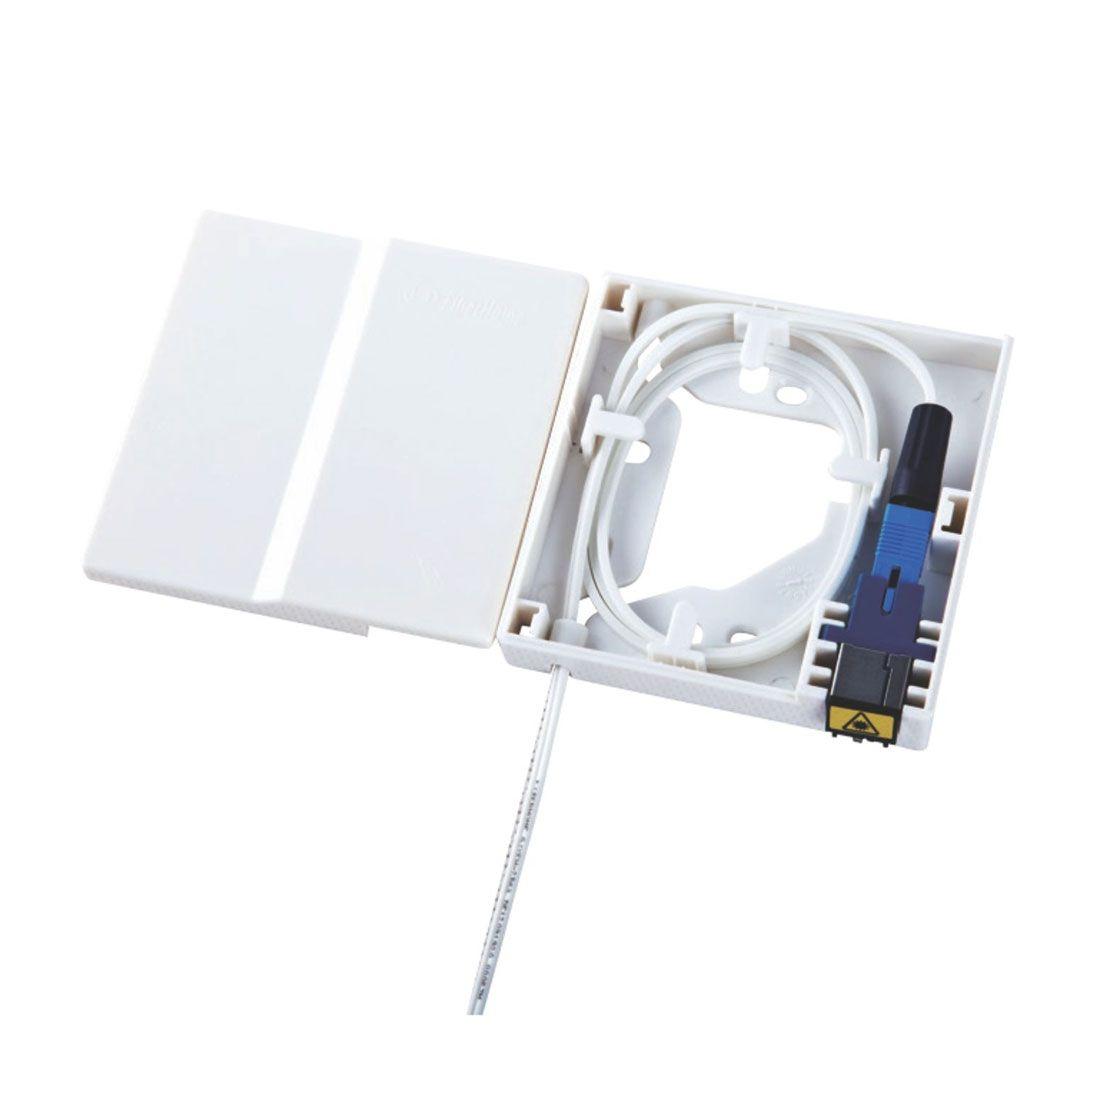 Caixa de Terminação de Fibra FTB-501 (APC ou UPC)